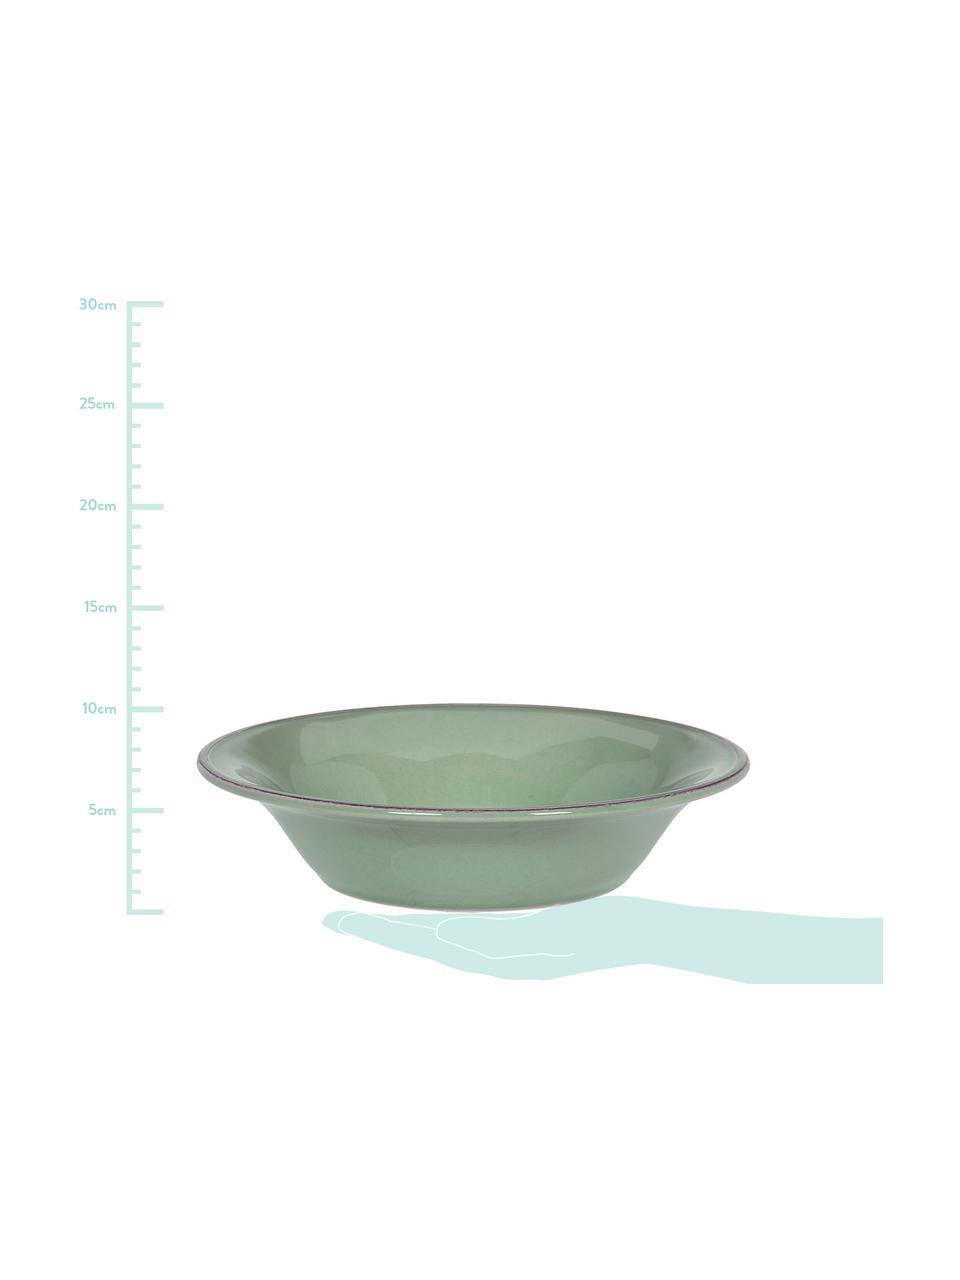 Schalen Constance im Landhaus Style, 2 Stück, Steingut, Salbeigrün, Ø 19 x H 5 cm